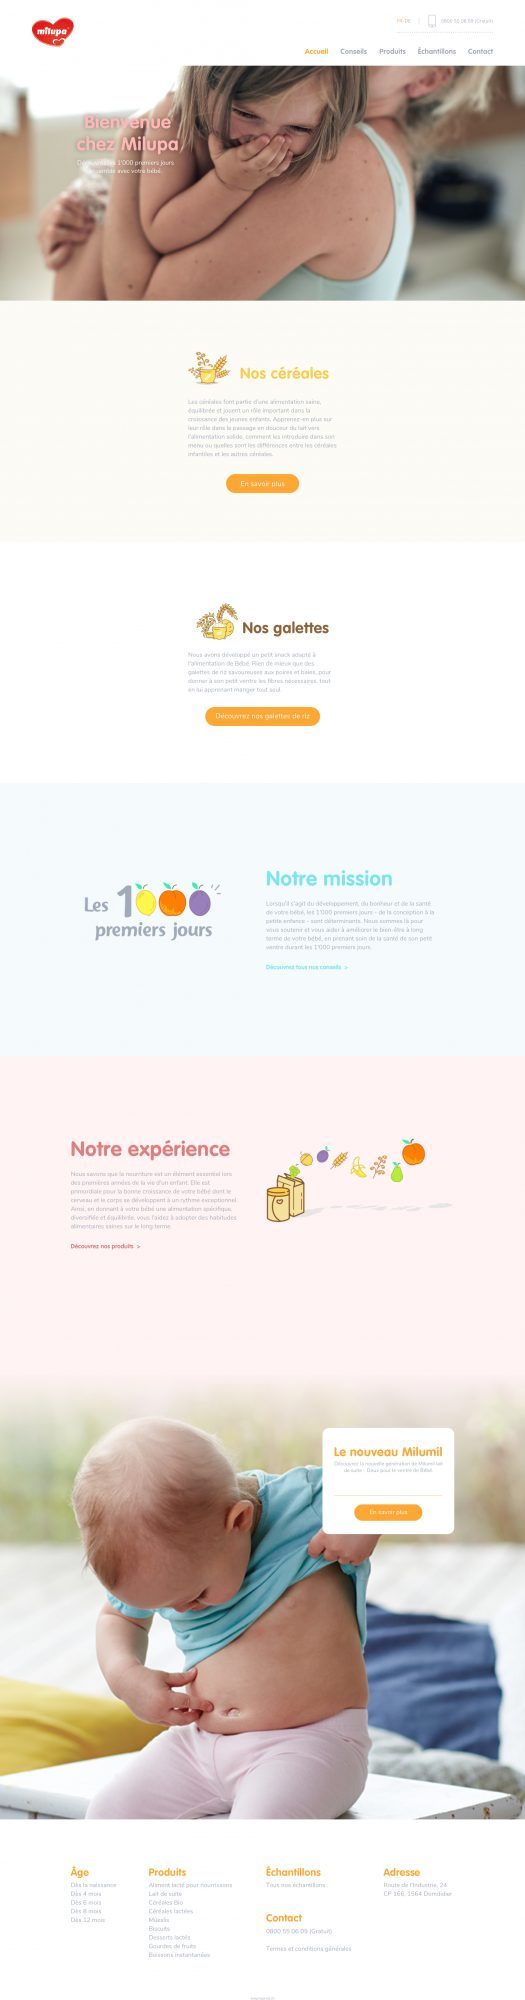 Site Web Au Visibilité De Moyen Et Marque Community Building D'un Ygfb76y